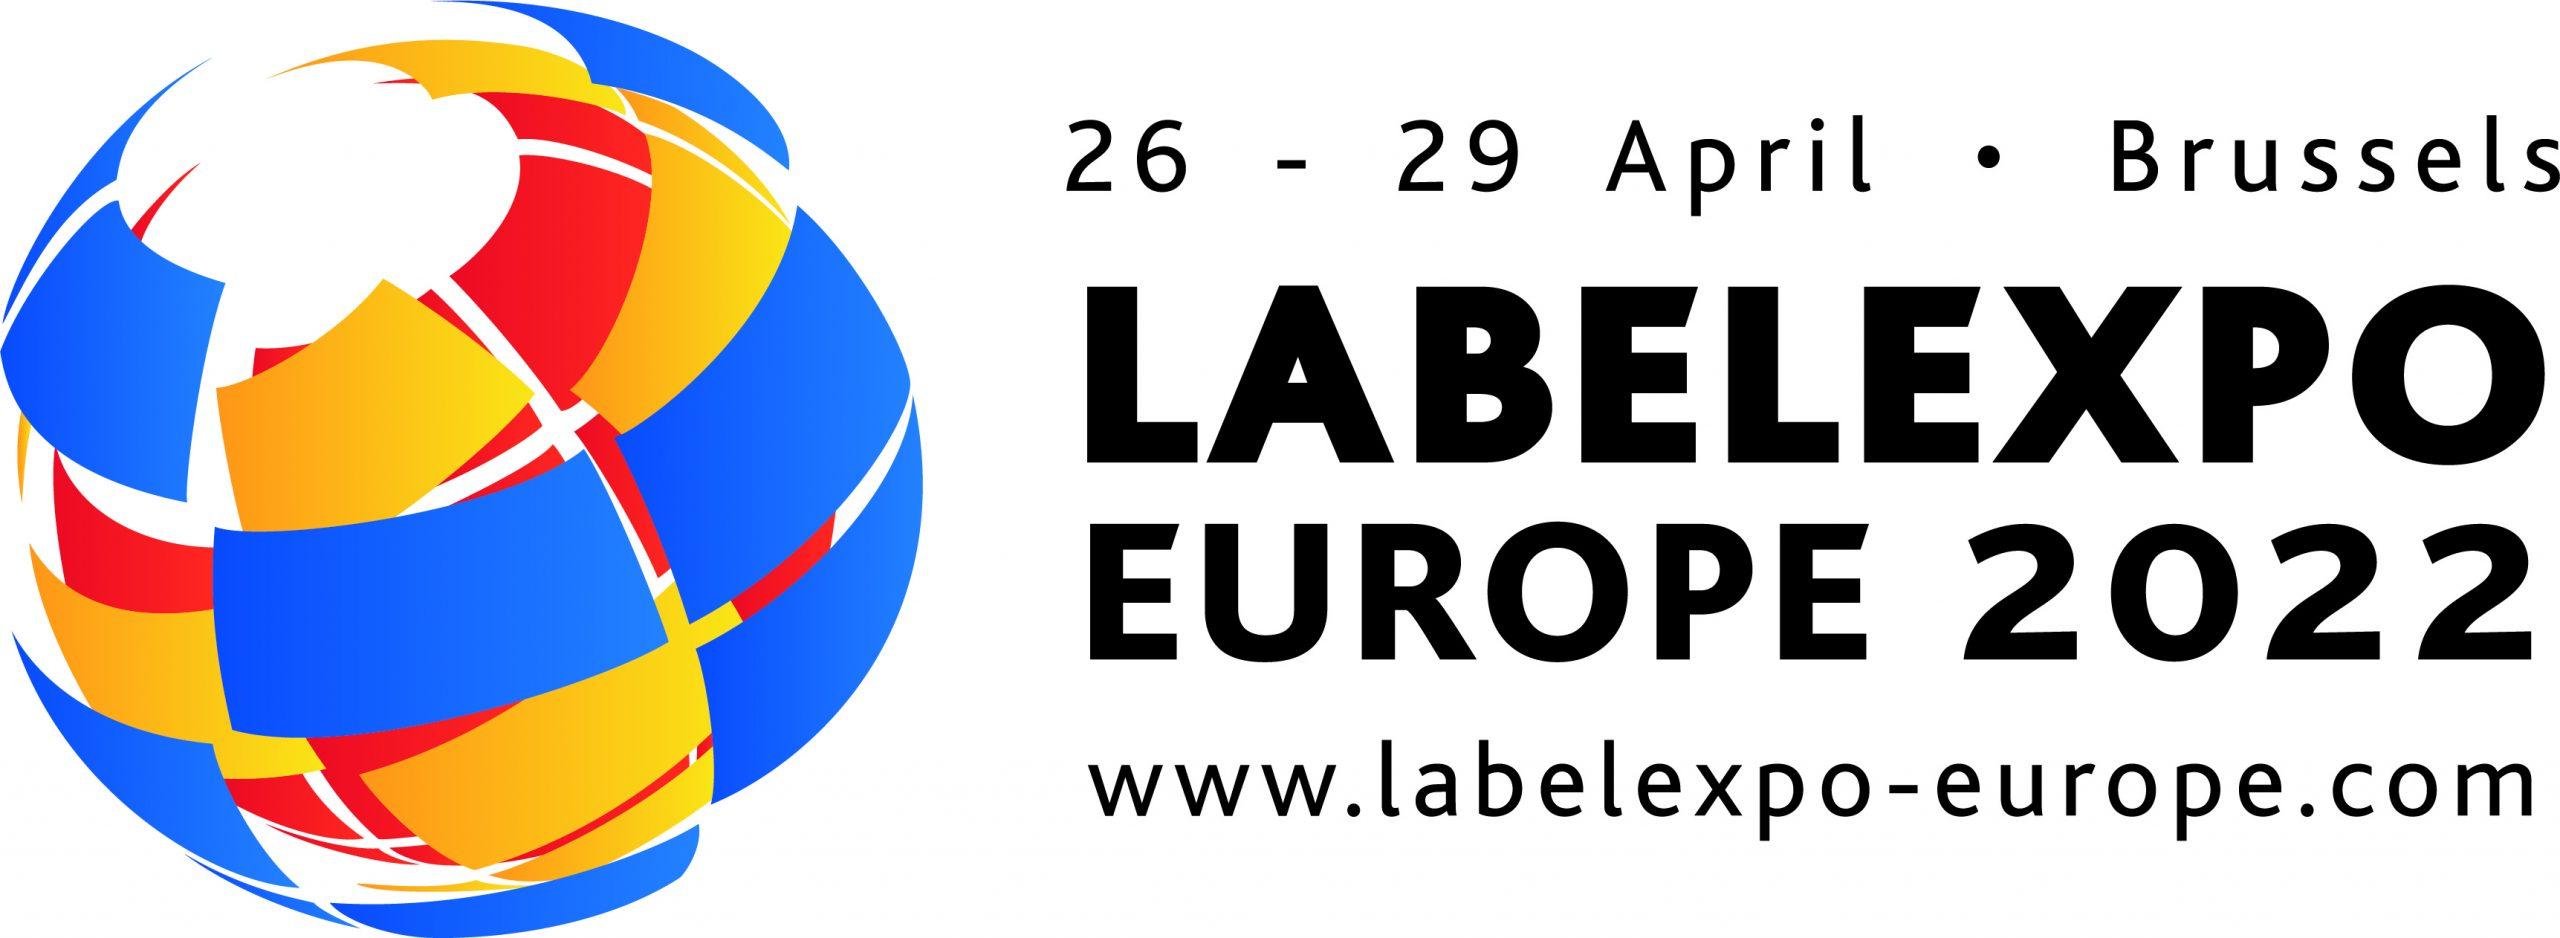 Labelexpo Europe 2022